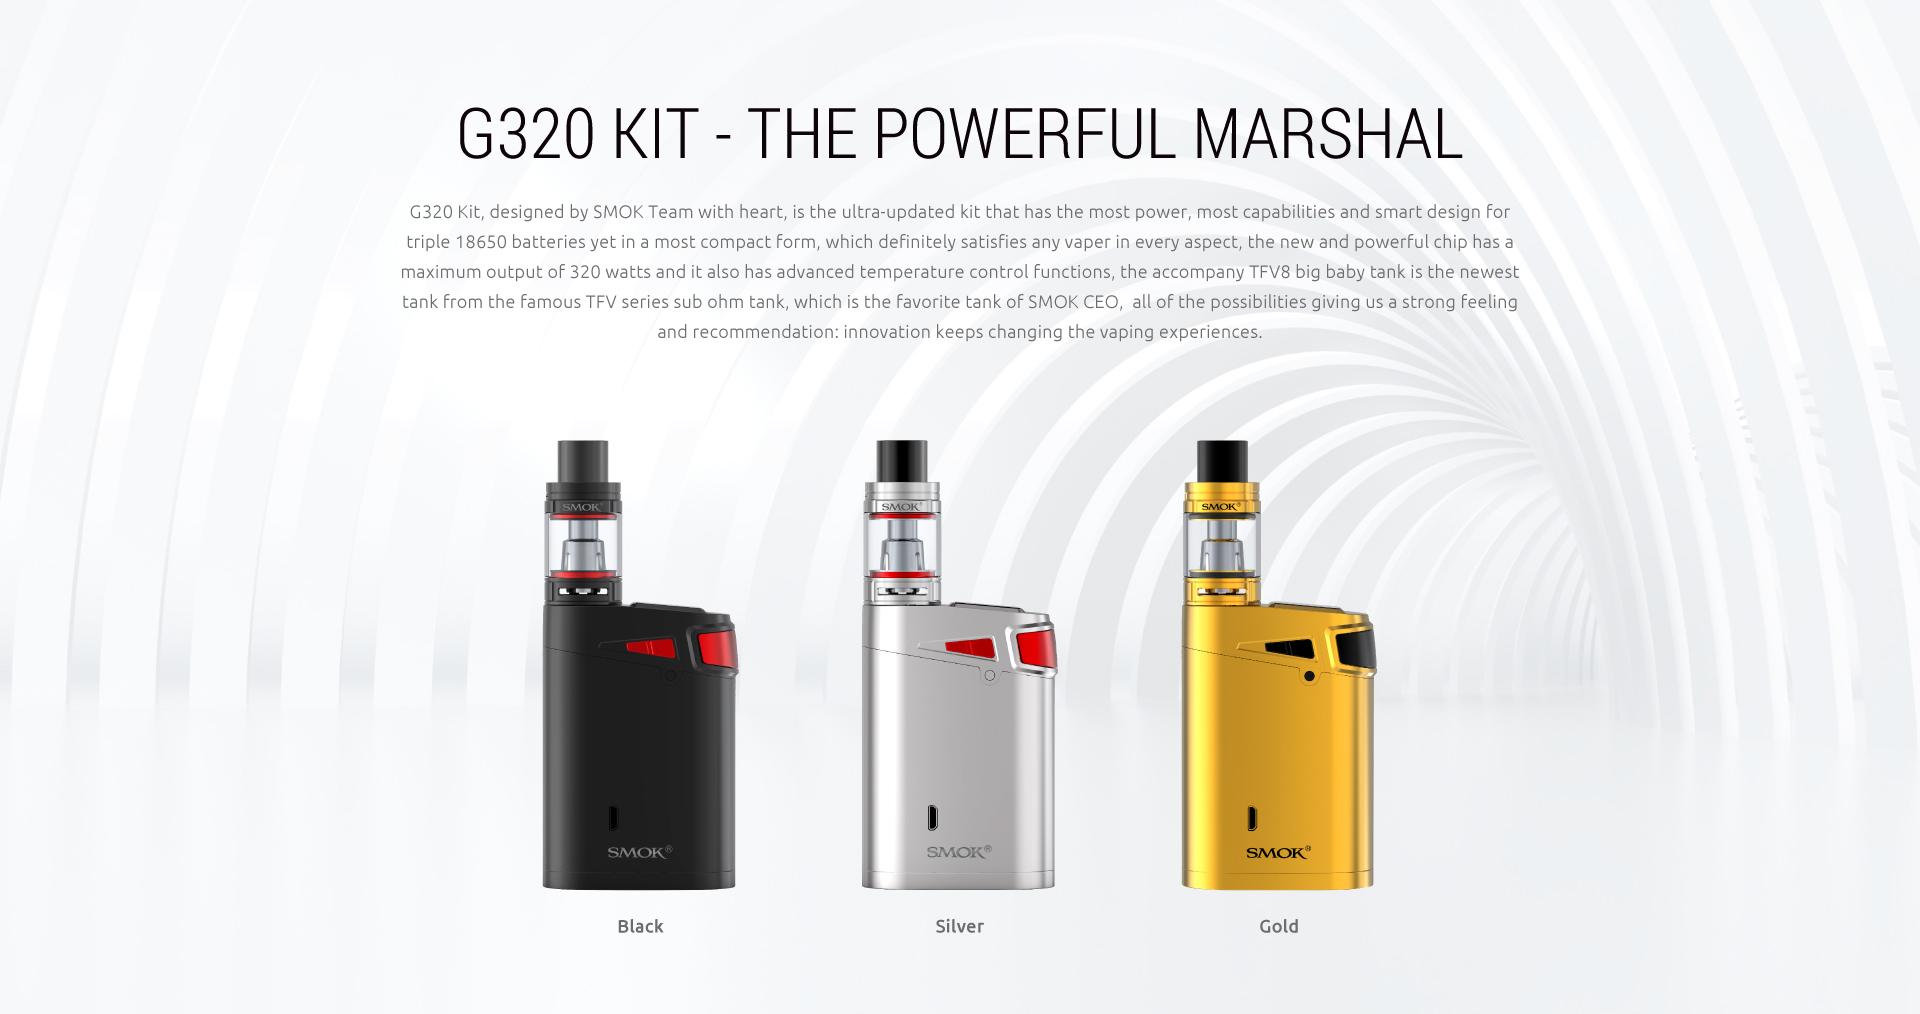 SMOK G320 Kit The Powerful MArshal